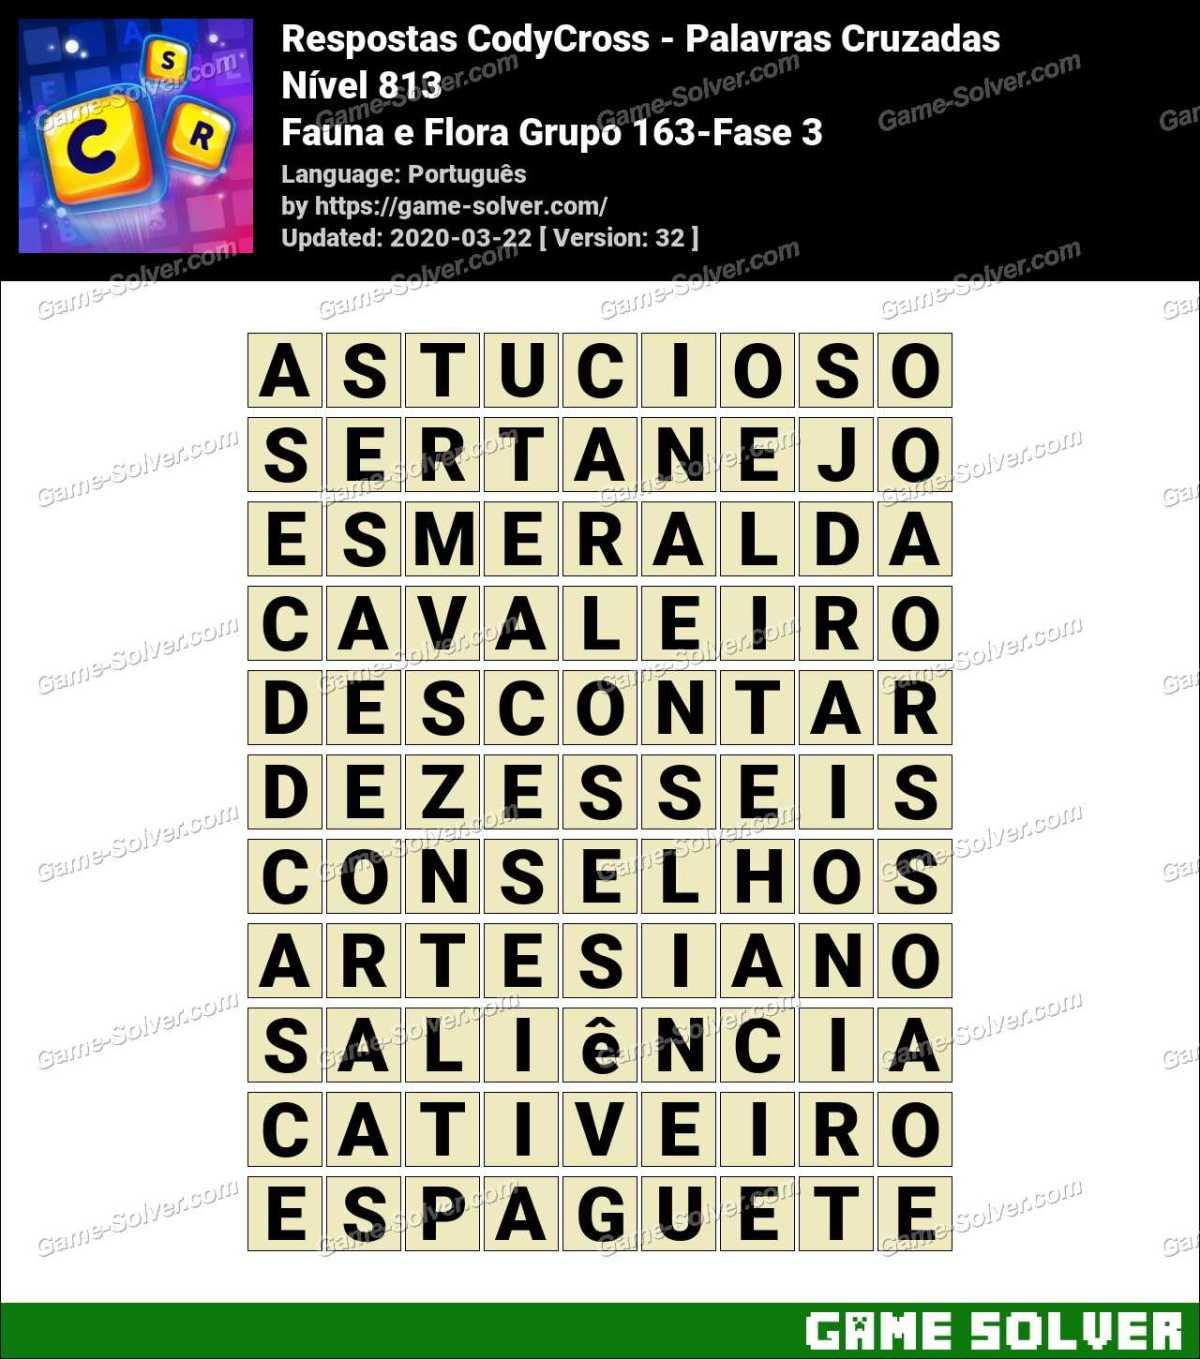 Respostas CodyCross Fauna e Flora Grupo 163-Fase 3